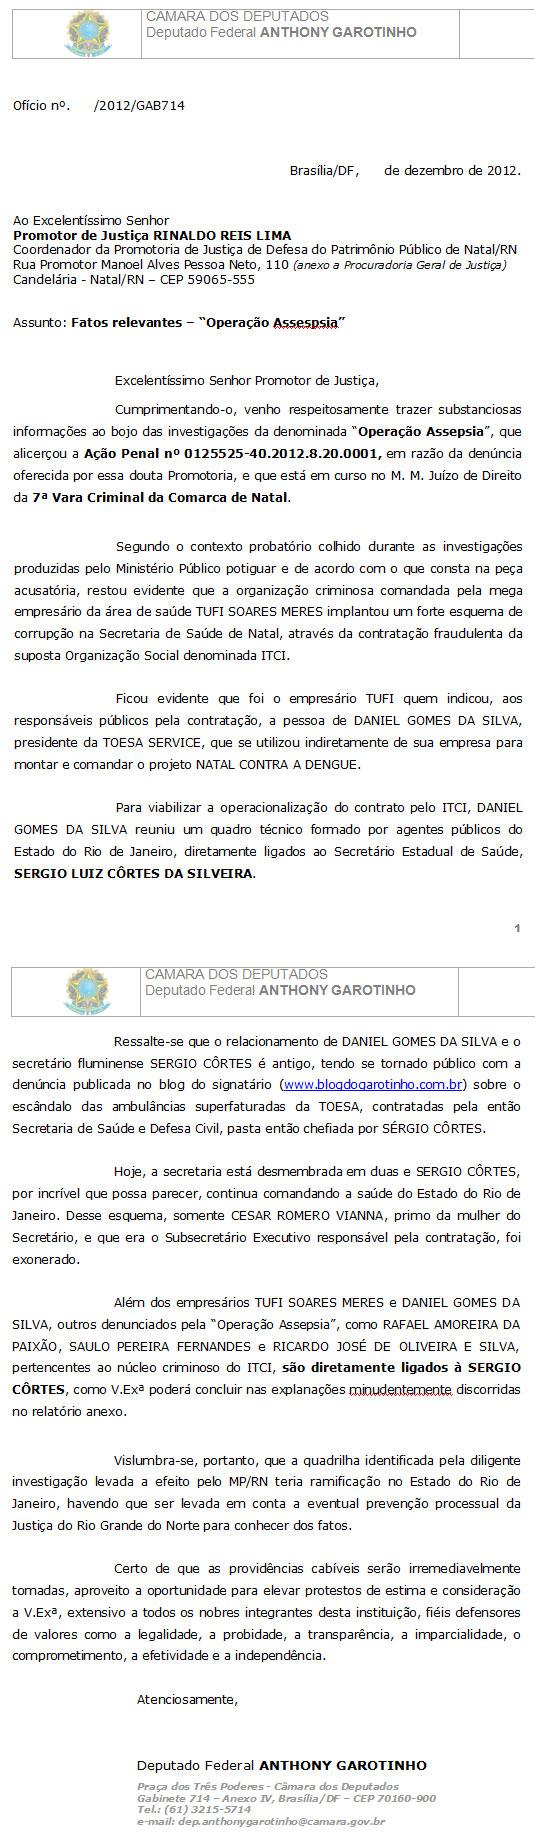 Documento enviado por Garotinho ao MP do Rio Grande do Norte